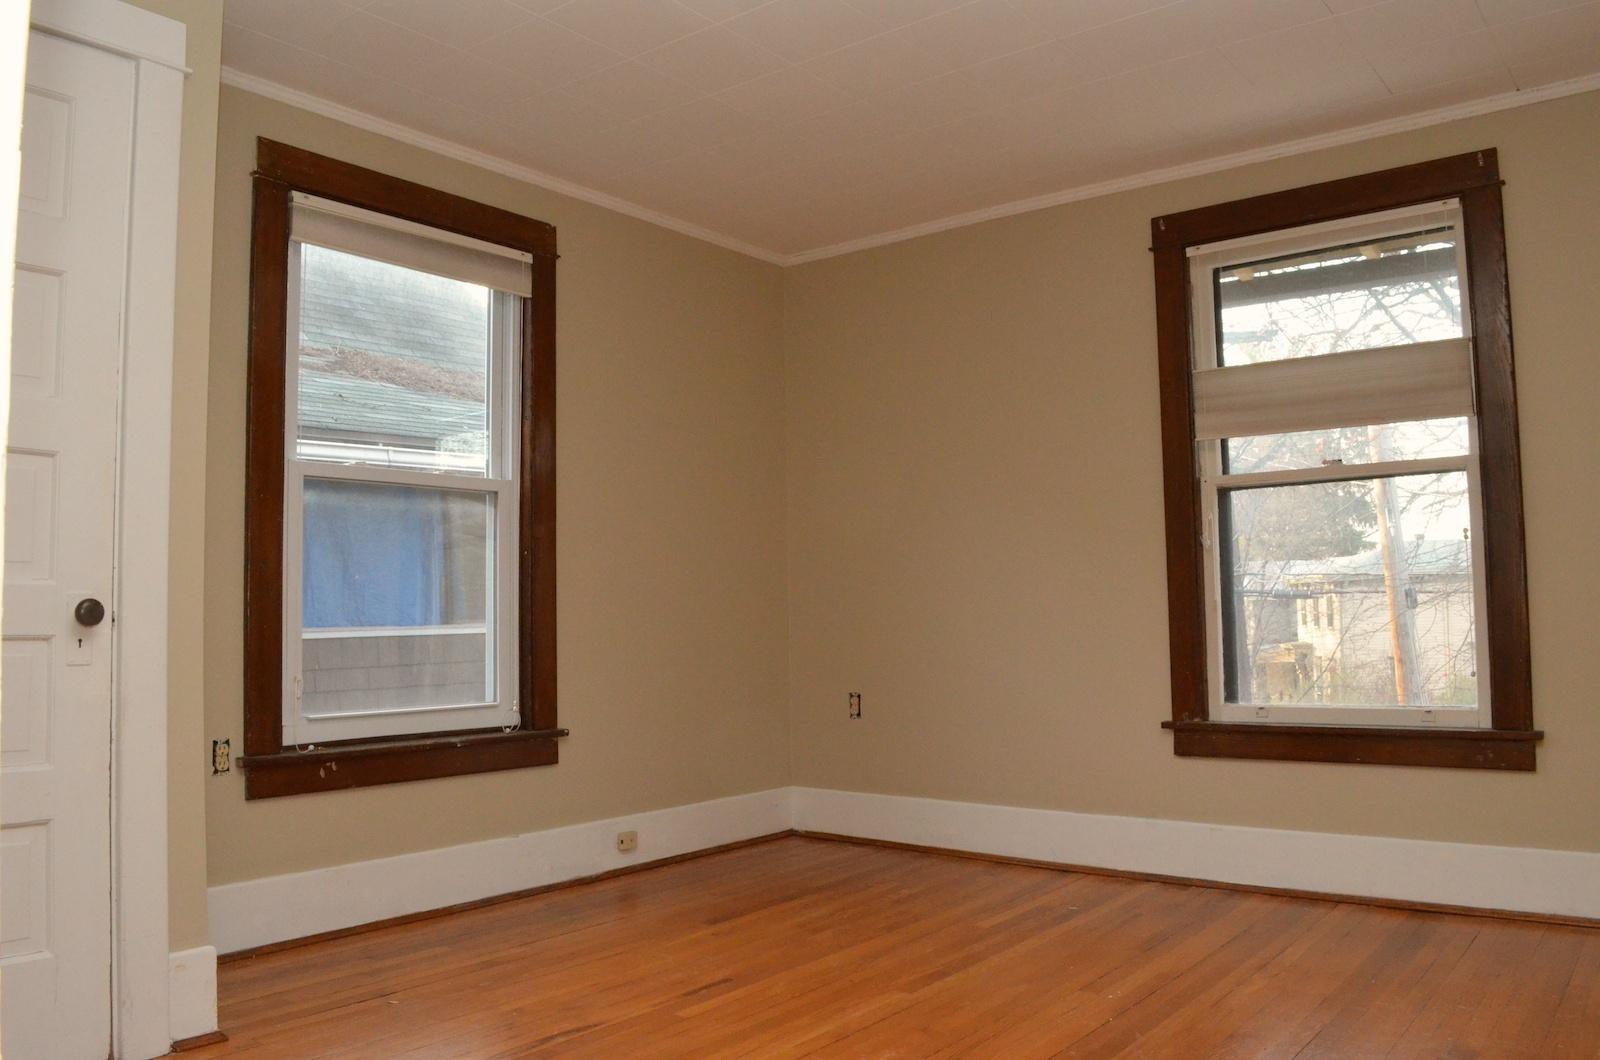 NW Bedroom 2